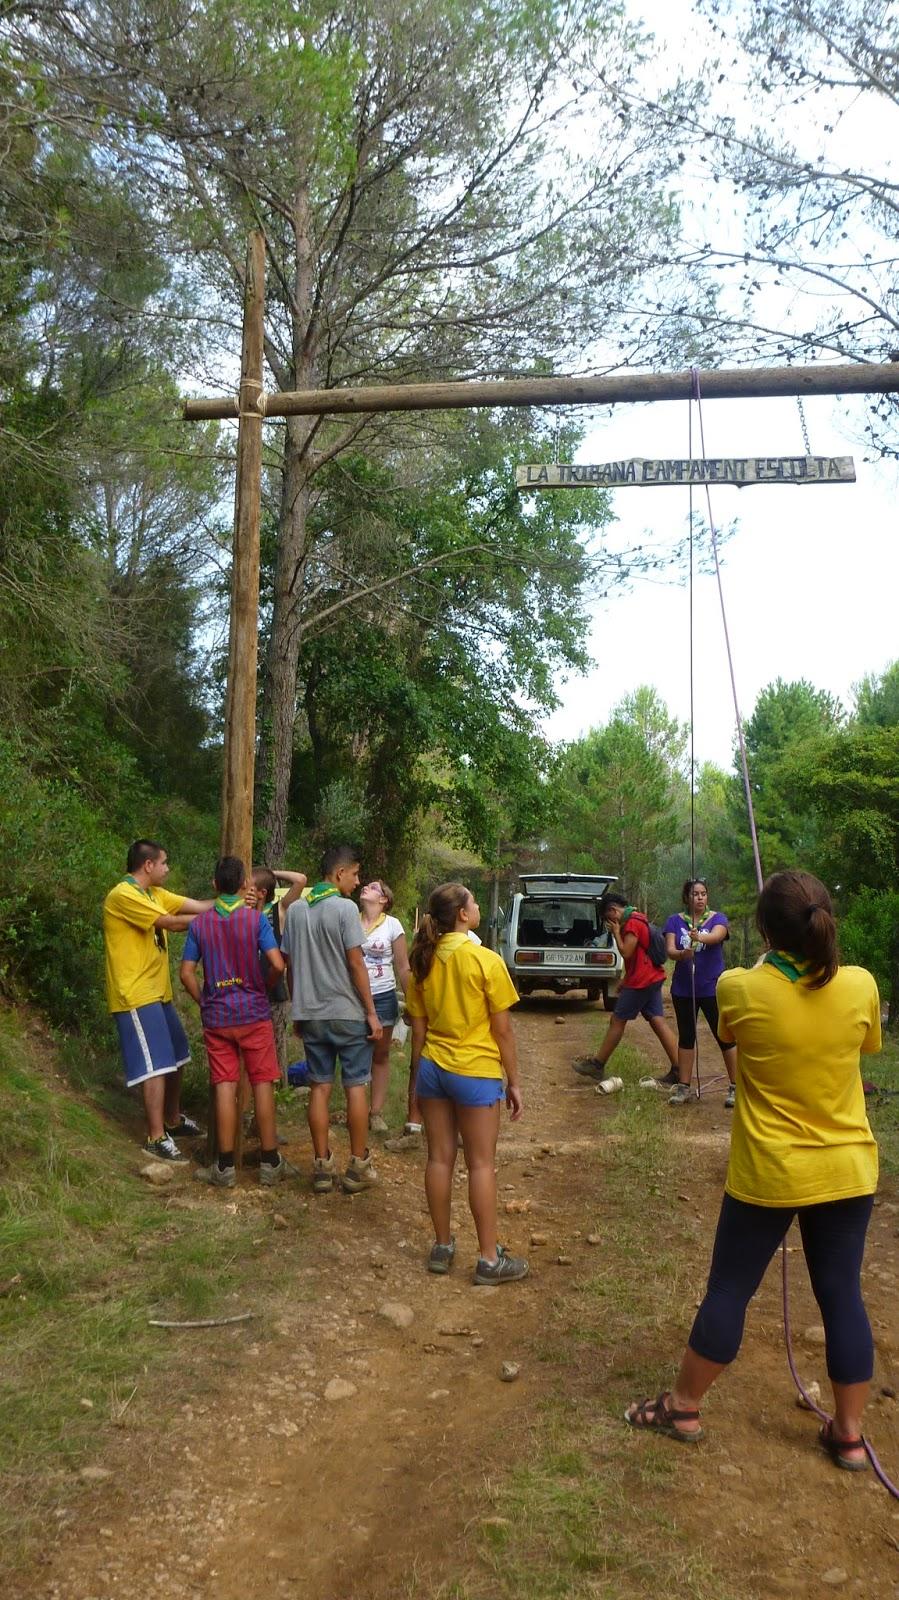 Campaments Estiu Cabanelles 2014 - P1070181.JPG